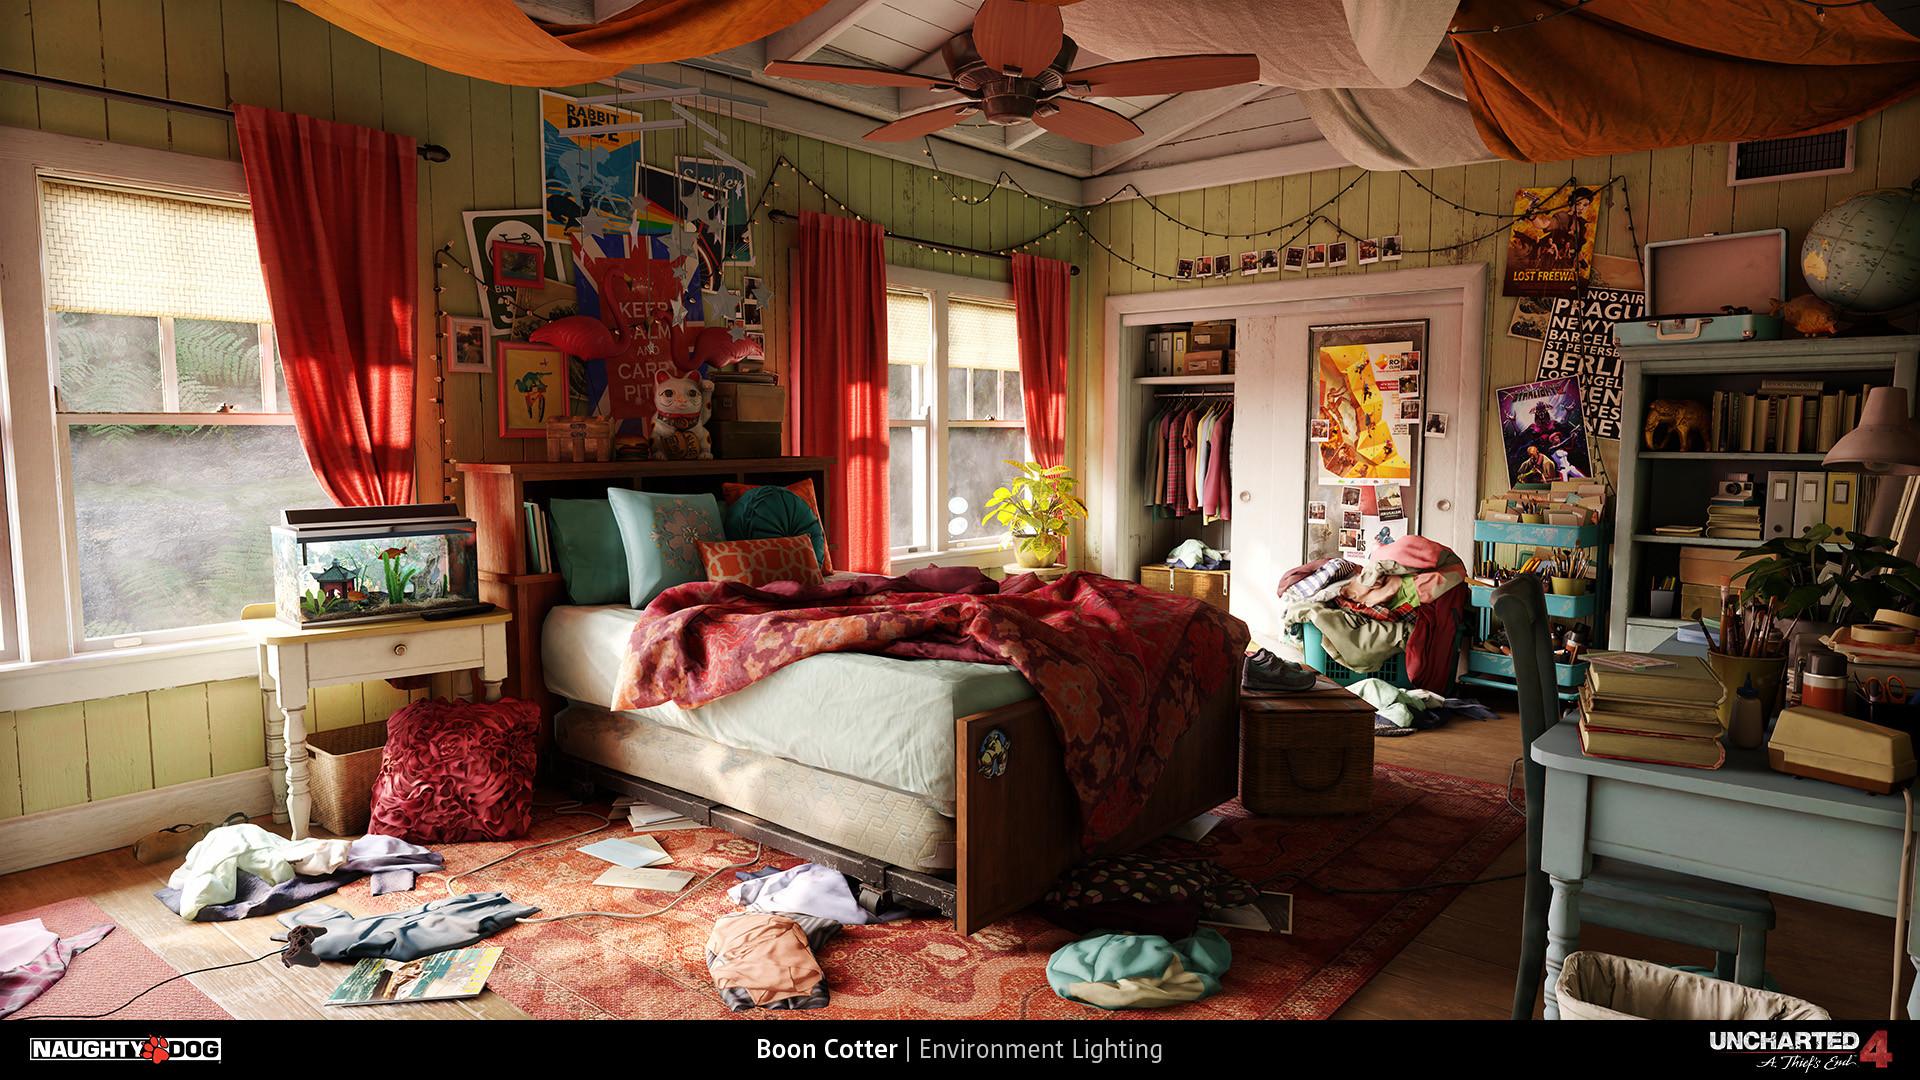 boon-cotter-epilogue-bedroom-01.jpg?1463